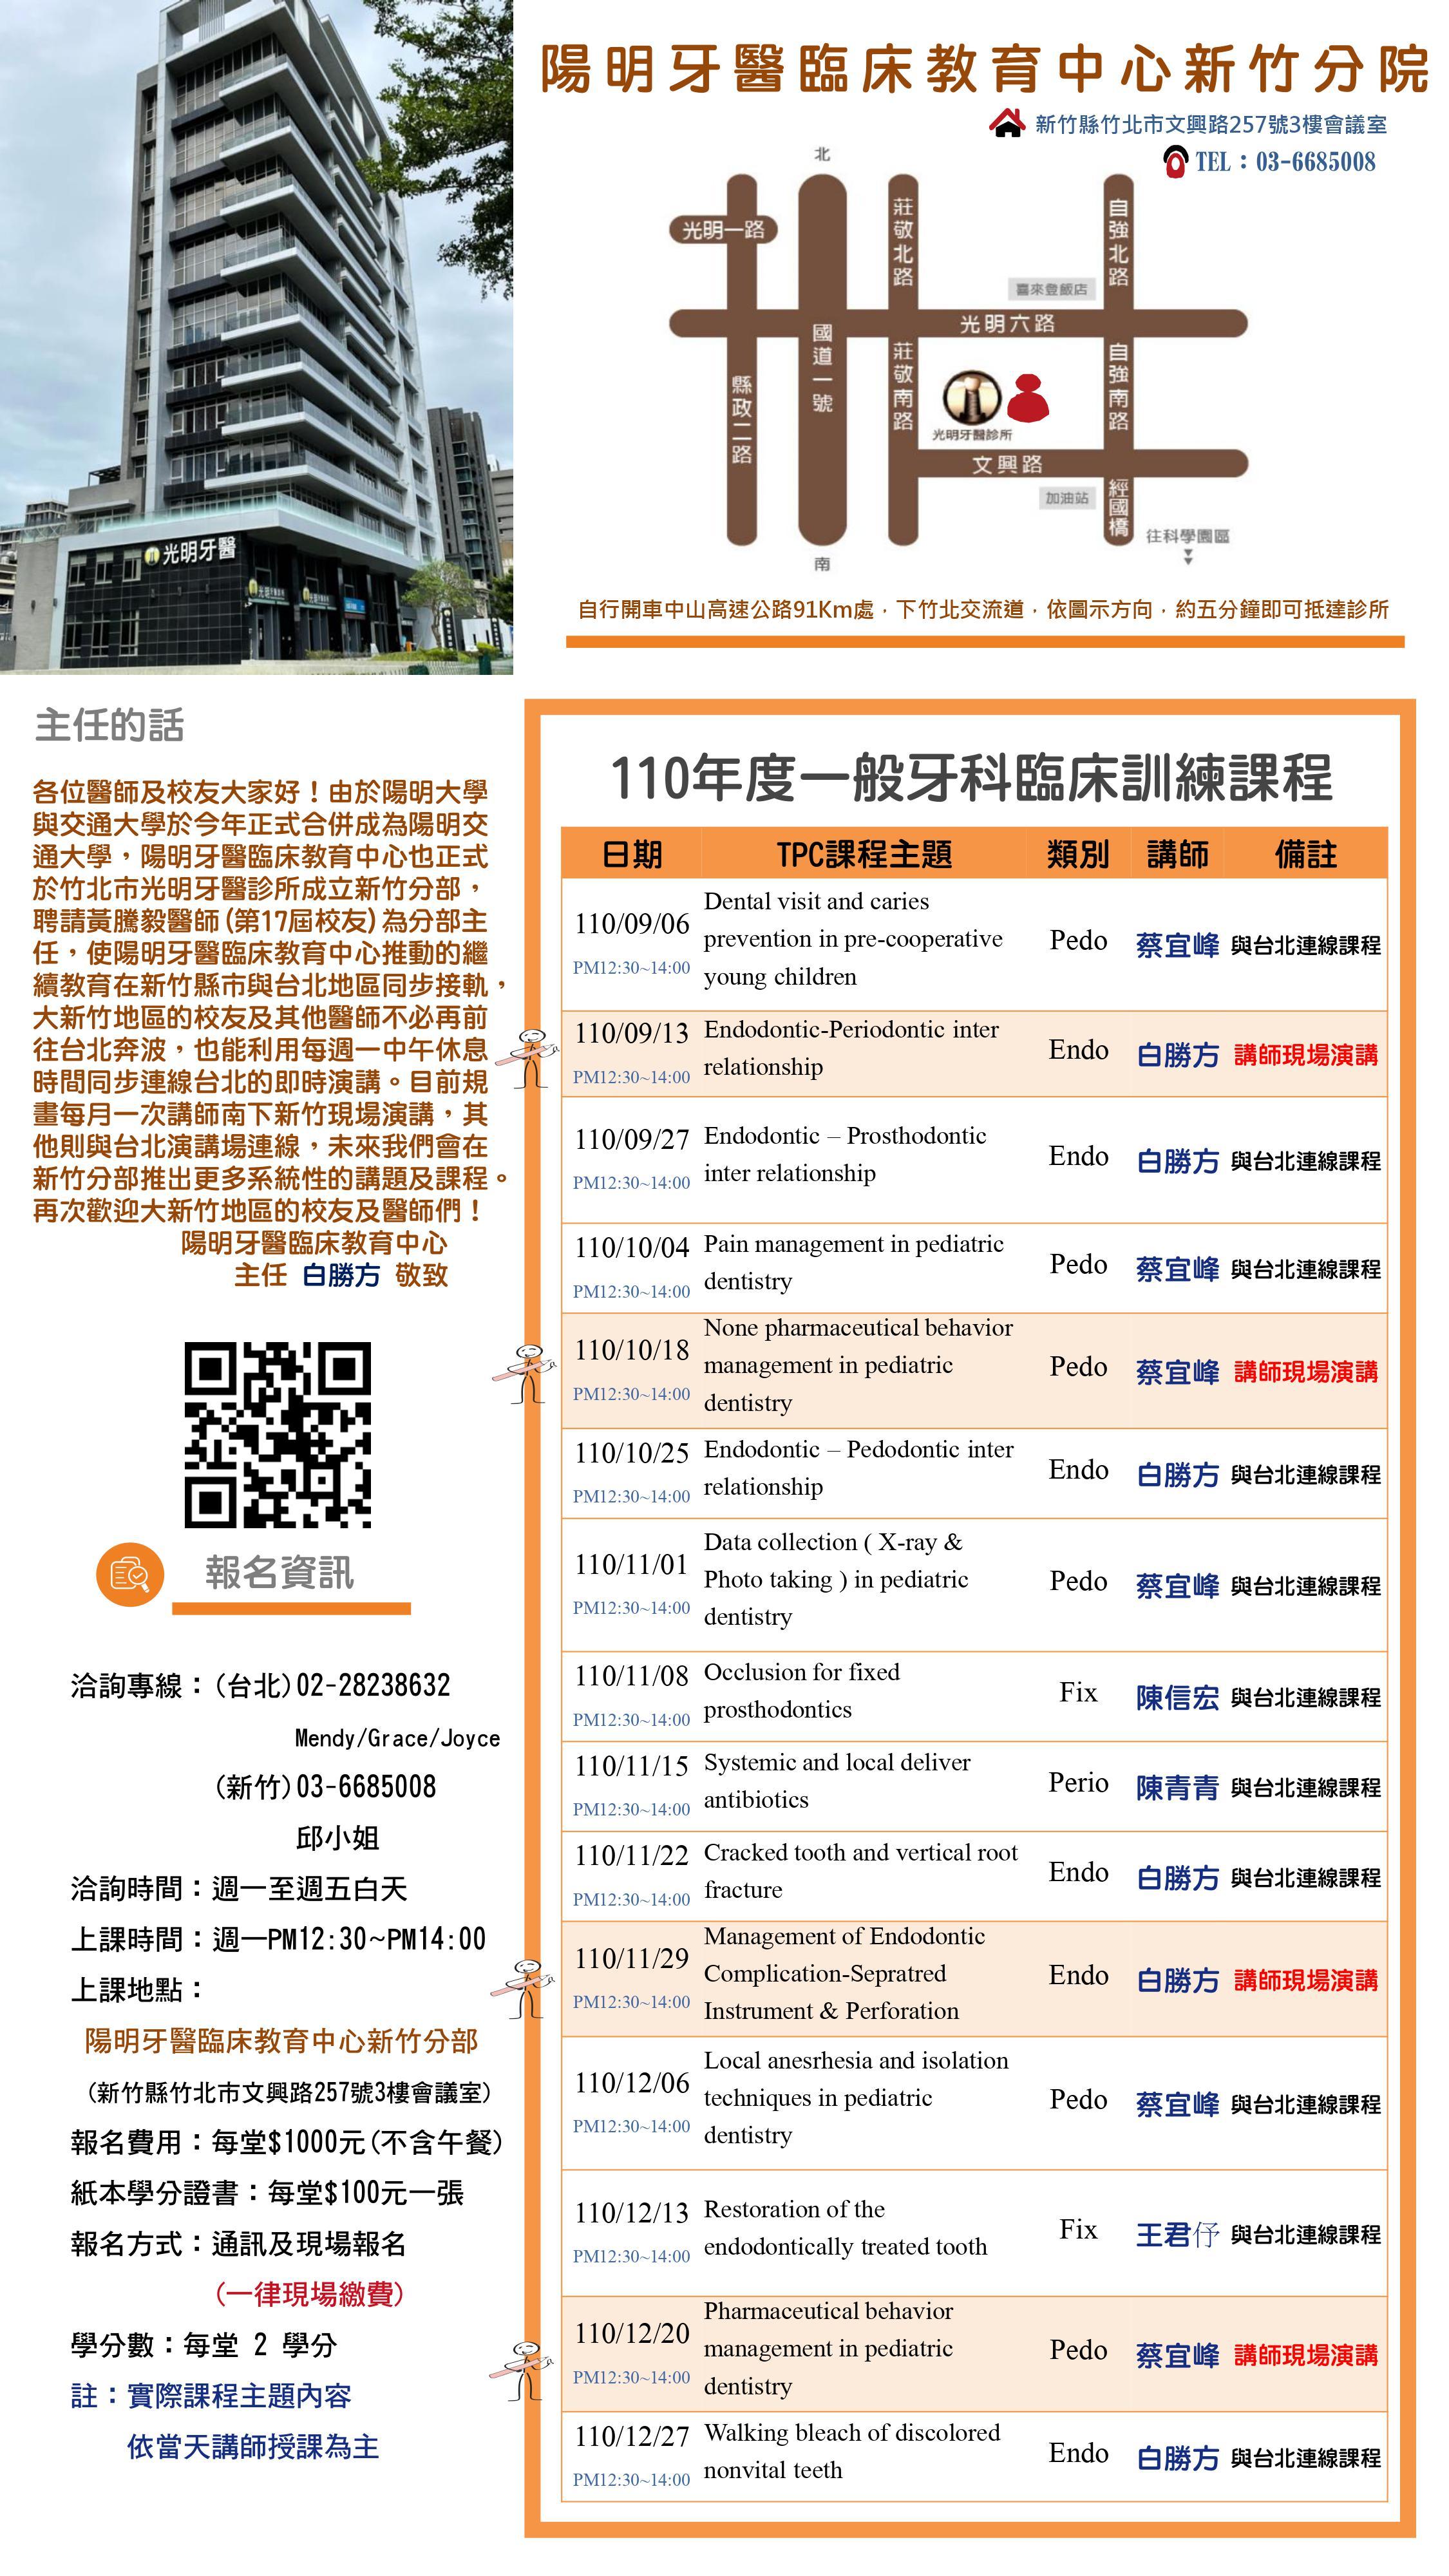 新竹分部-110年度TPC(第四季)報名表